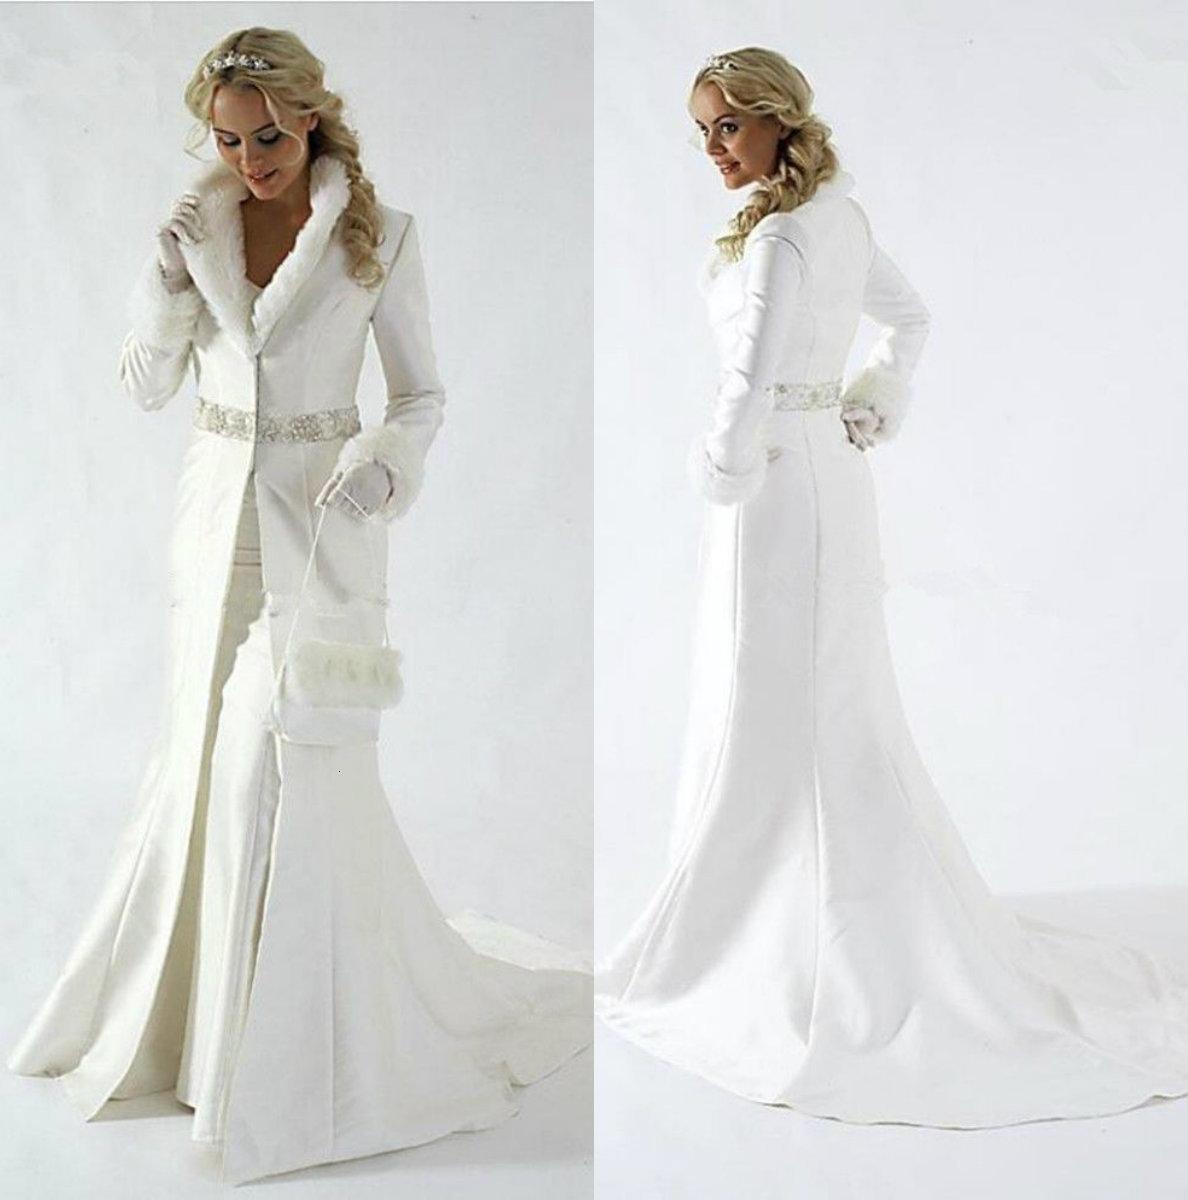 Элегантные женские женские одежды свадебные куртки ослабесы шеи свадебные обертки с длинным рукавом женщин зимние пальто для свадьбы болеро пальто плюс размер накидки